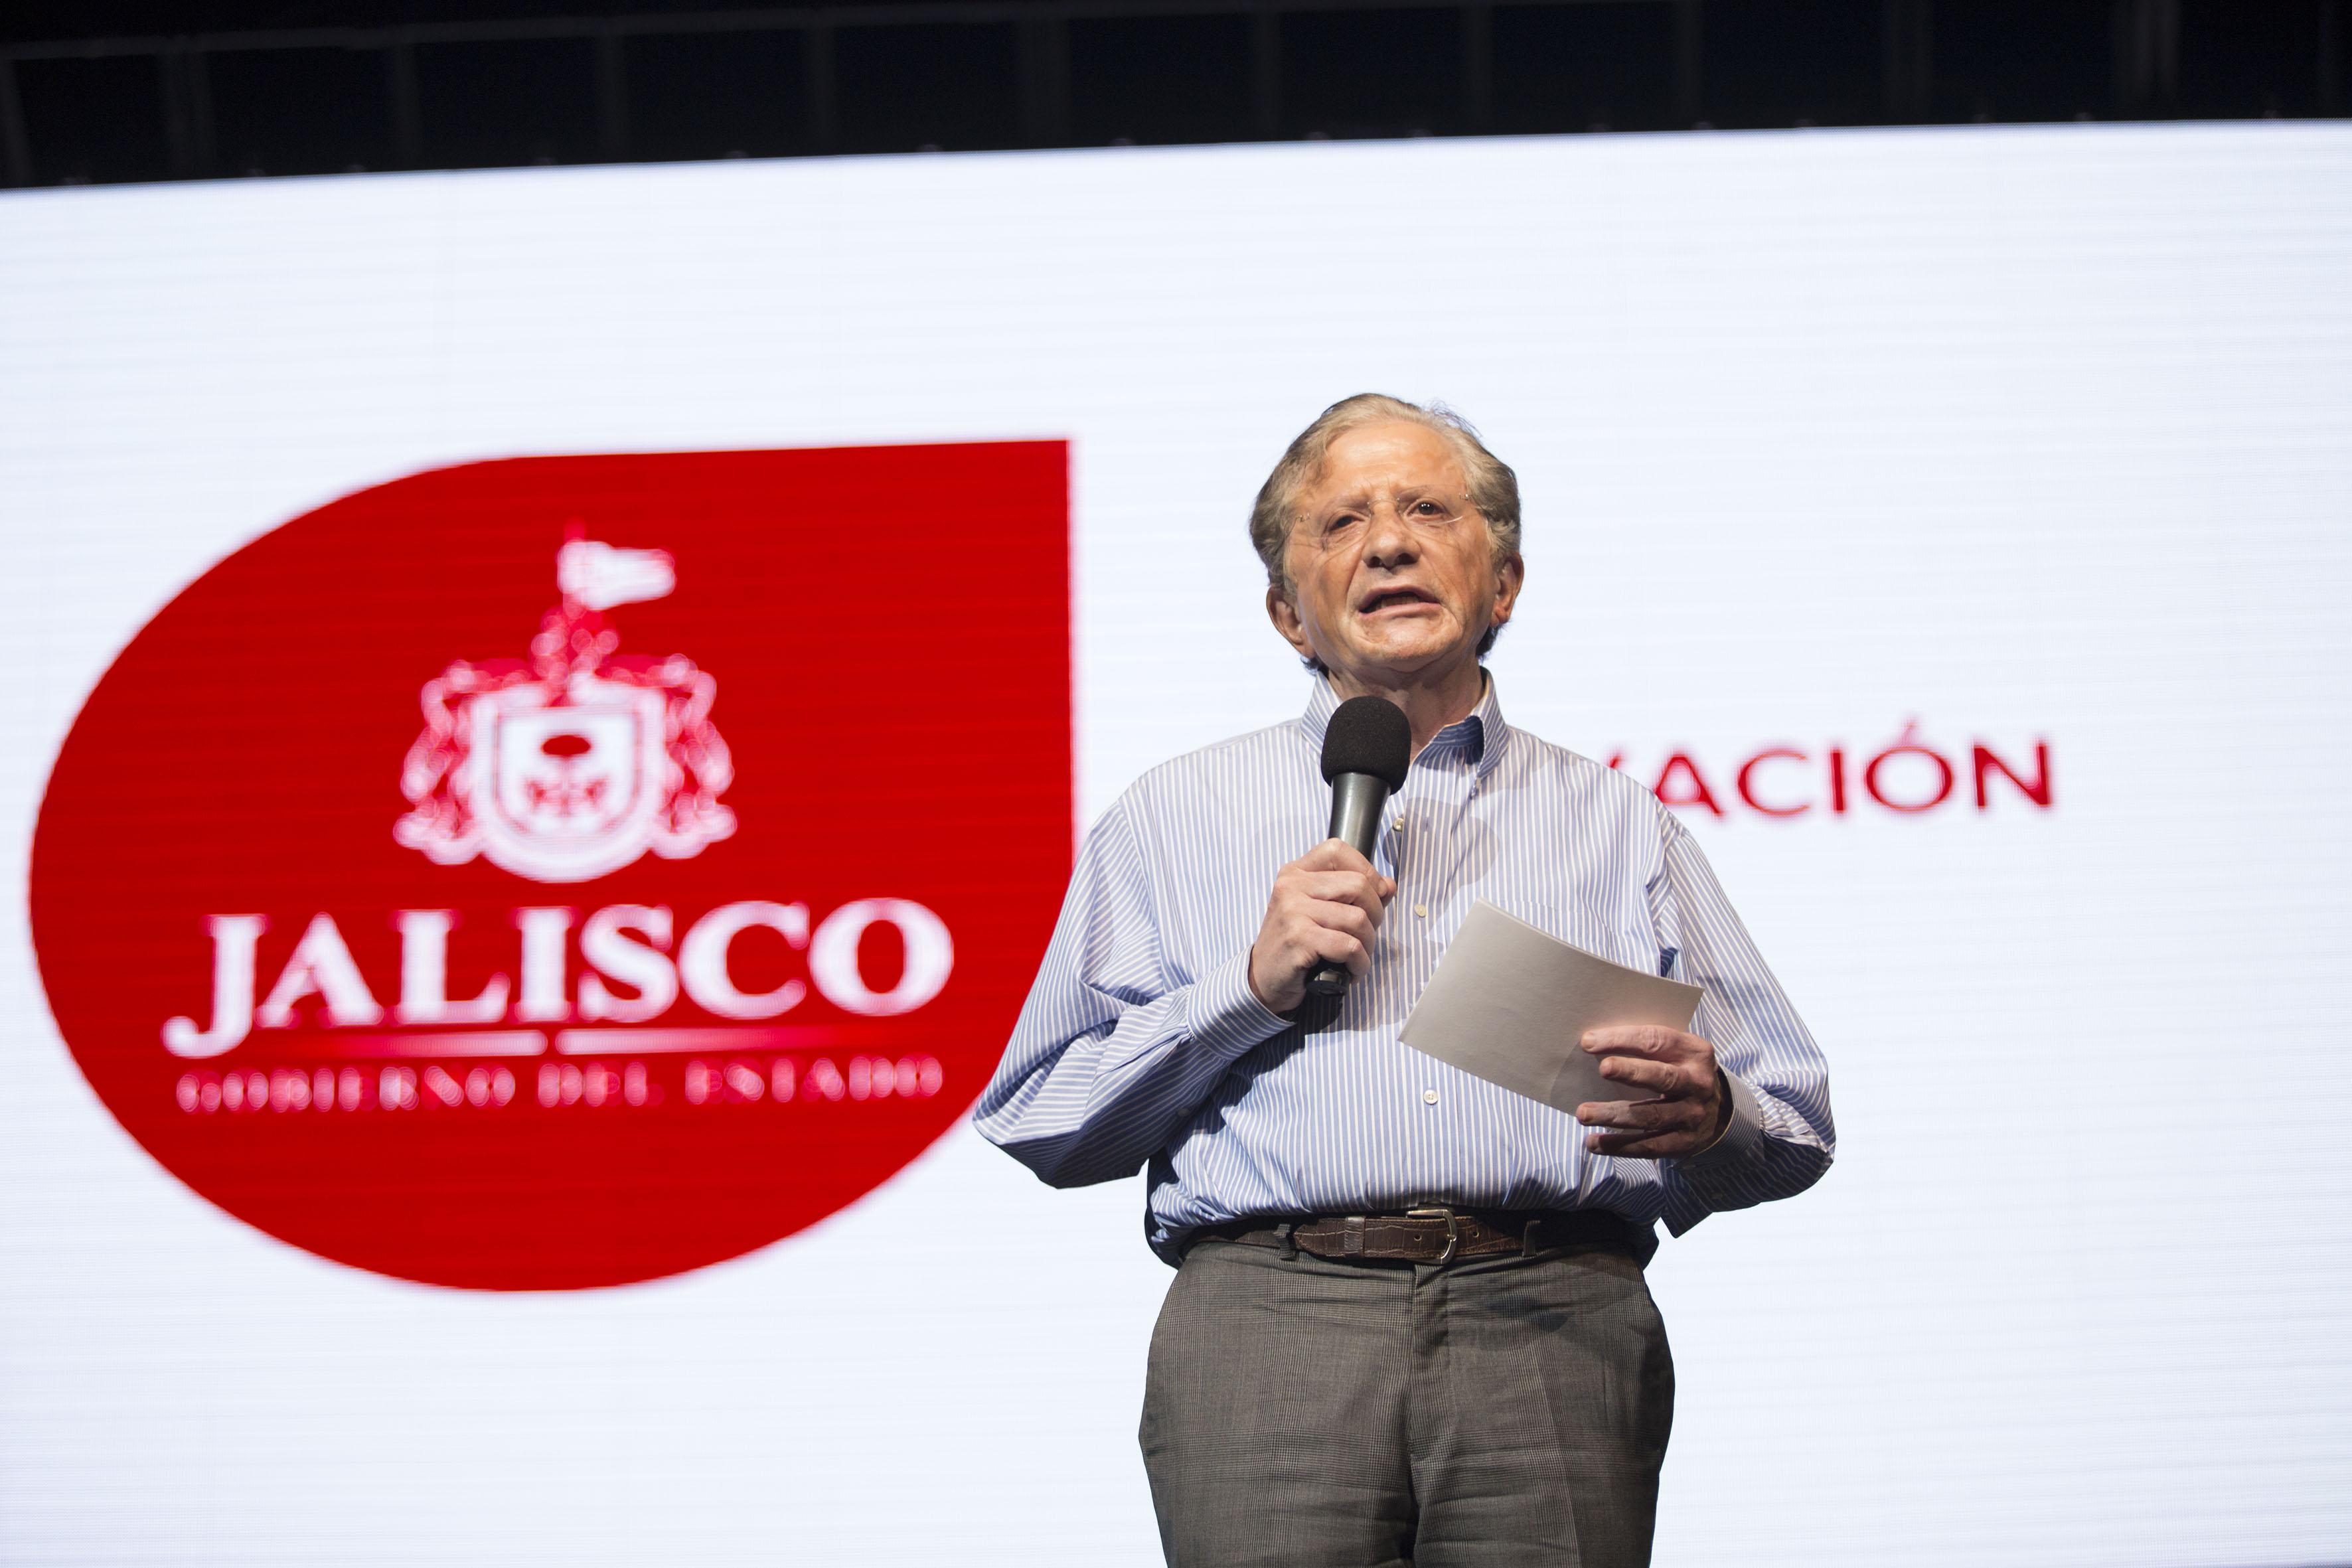 El secretario de Innovación, Ciencia y Tecnología de Jalisco, maestro Jaime Reyes Robles haciendo uso de la palabra